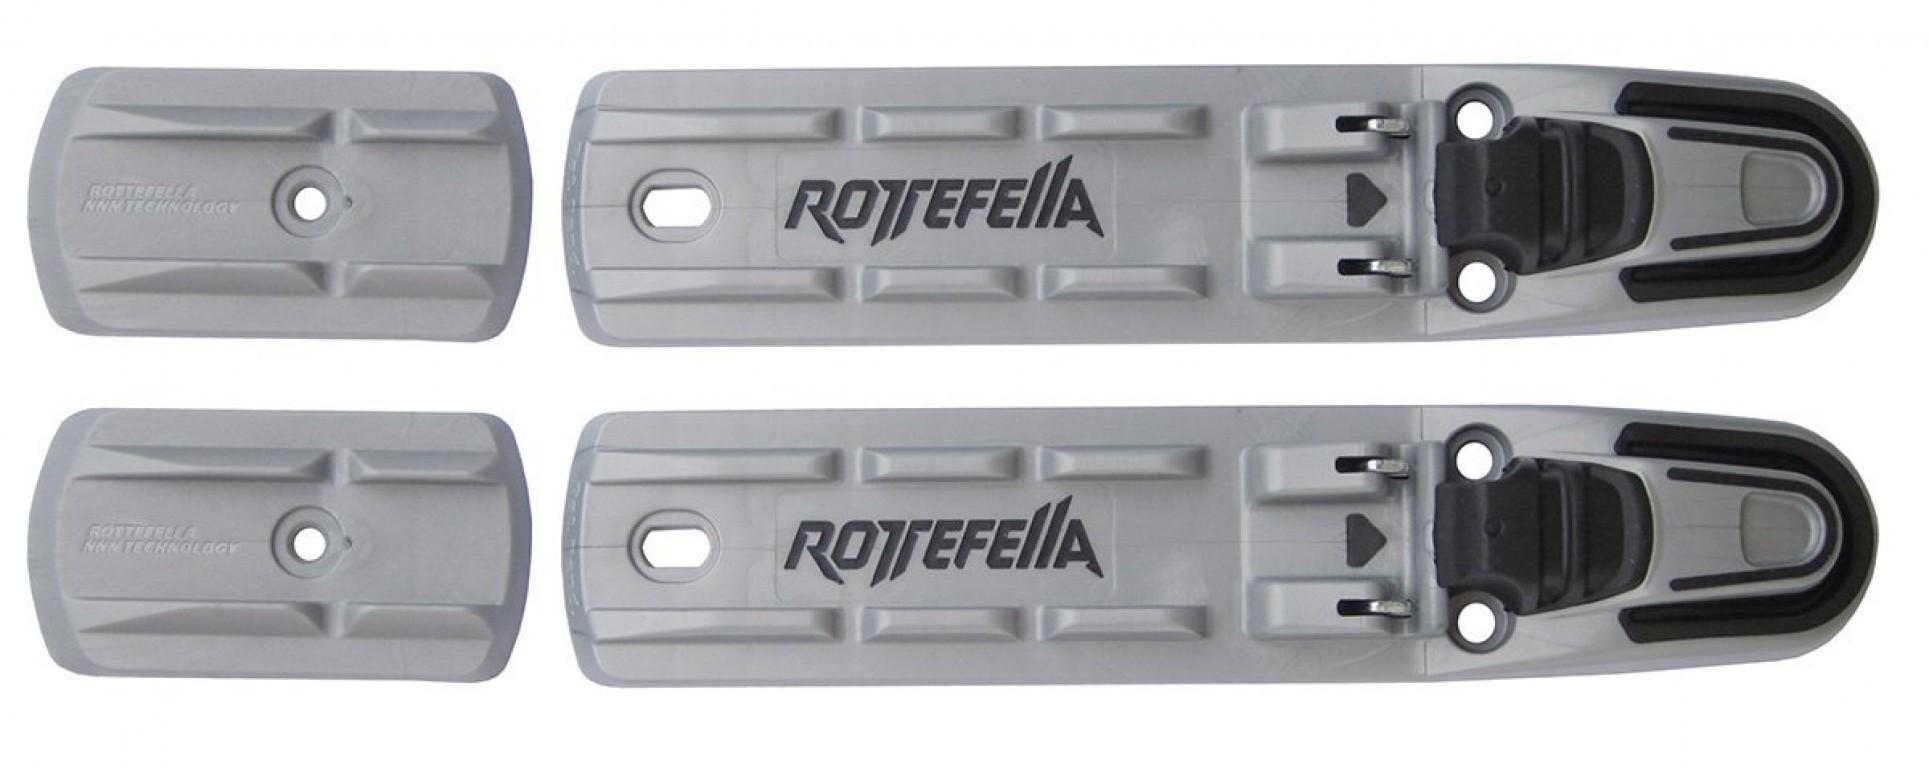 Лыжные крепления ROTTEFELLA 2014-15 Touring Step-In (упаковка 10 пар)